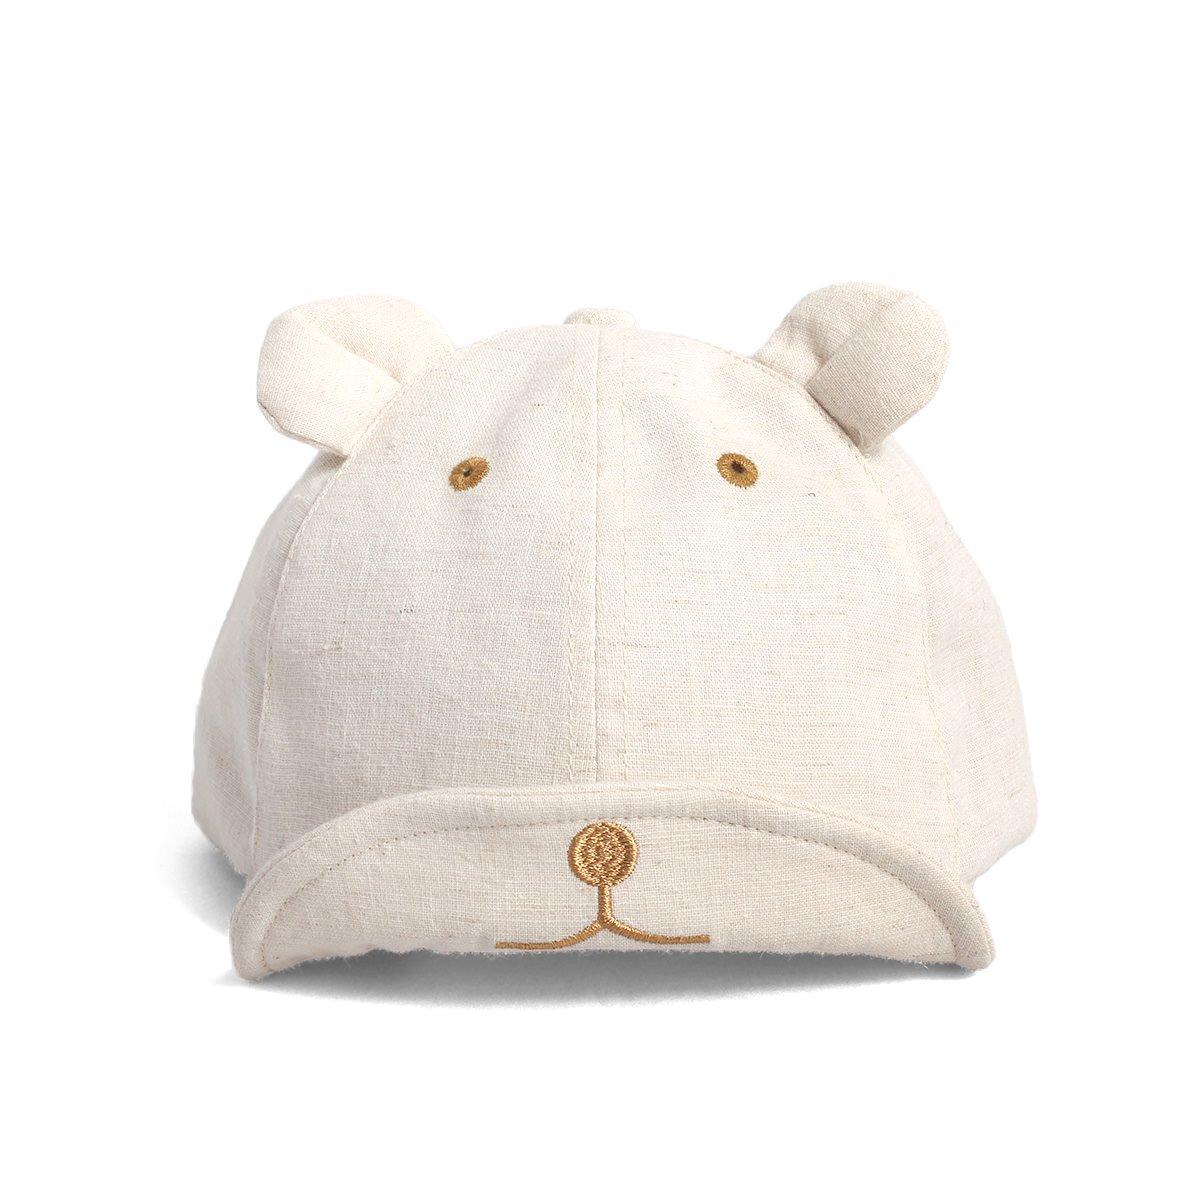 【KIDS】Little Bear Cap 詳細画像2